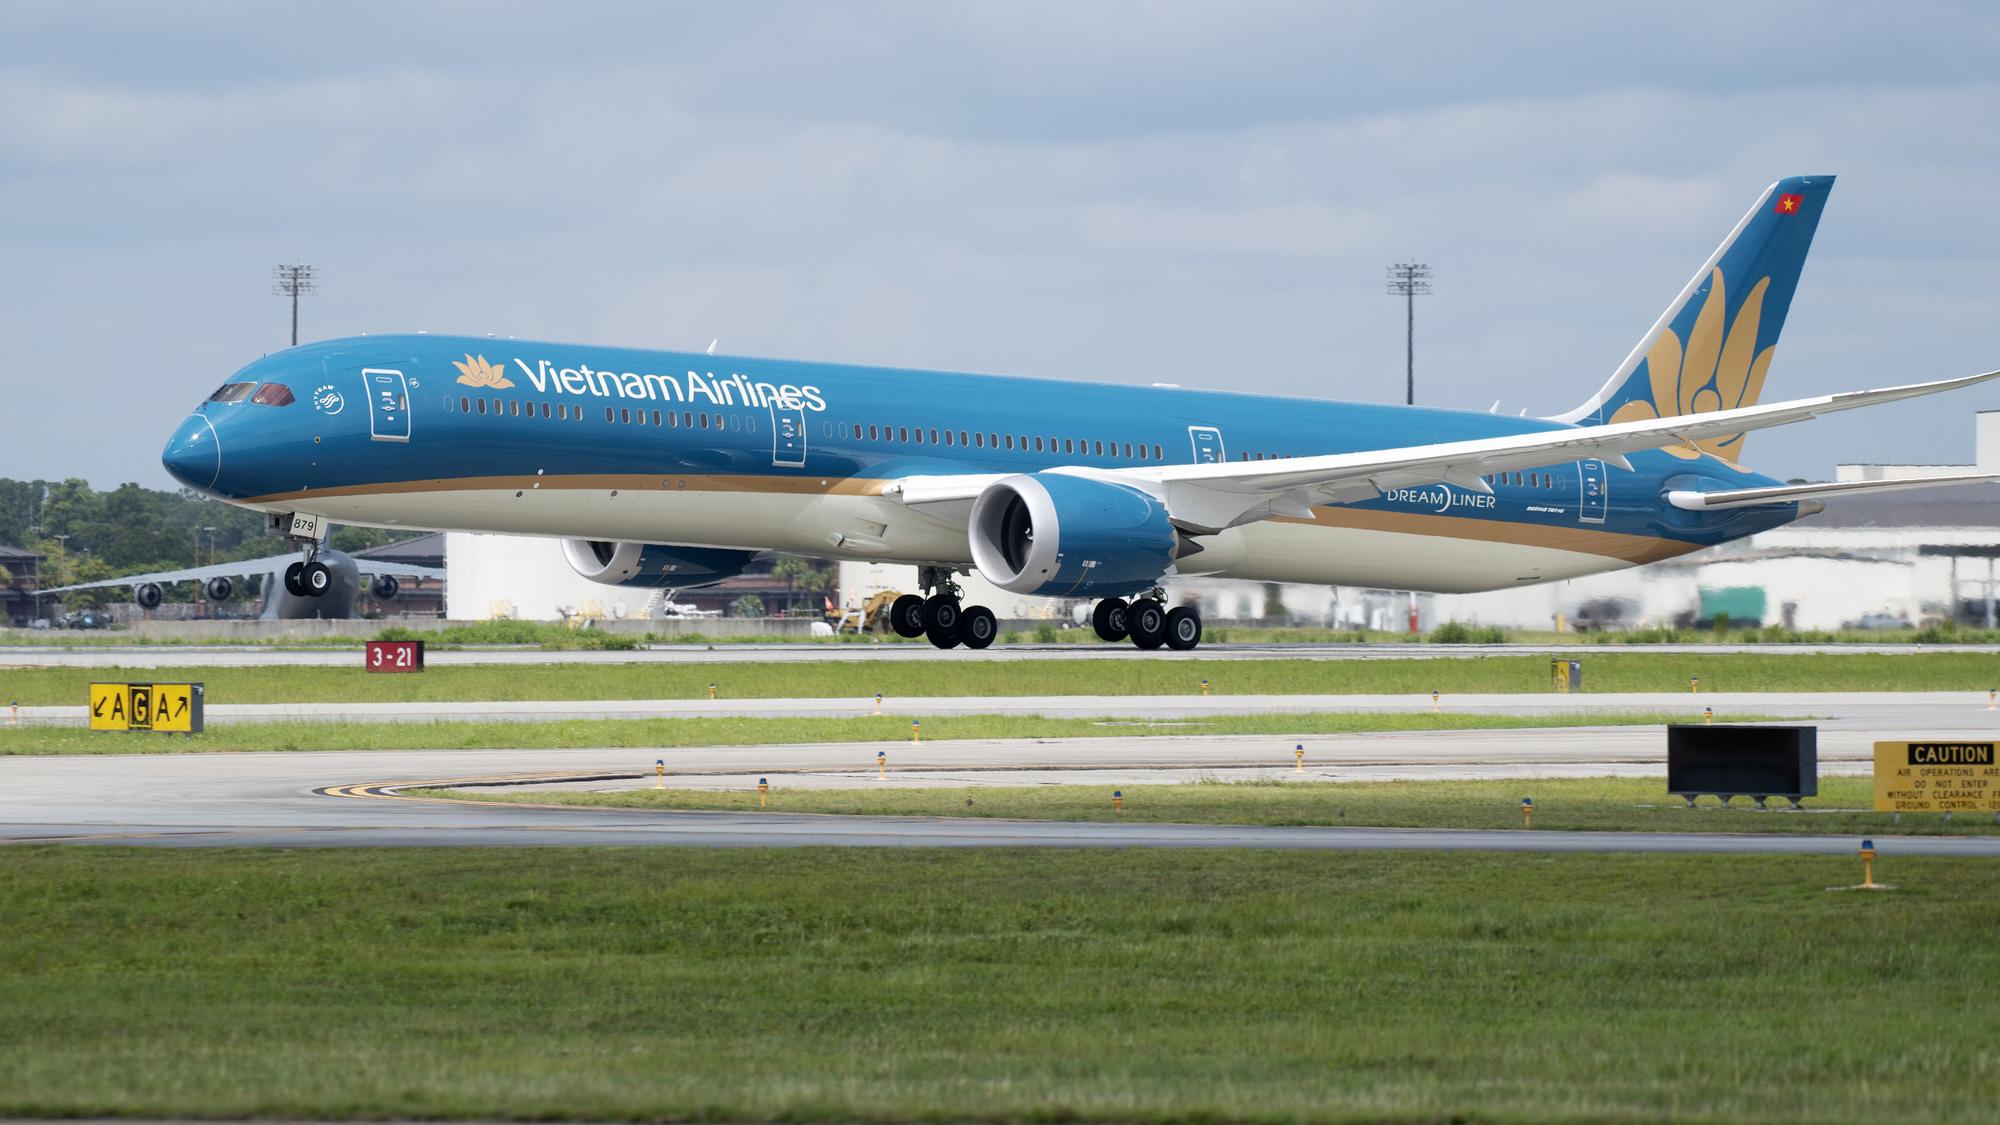 Vietnam Airlines bay thẳng Việt Nam - Hoa Kỳ, thời gian bay rút ngắn bao nhiêu? - Ảnh 1.